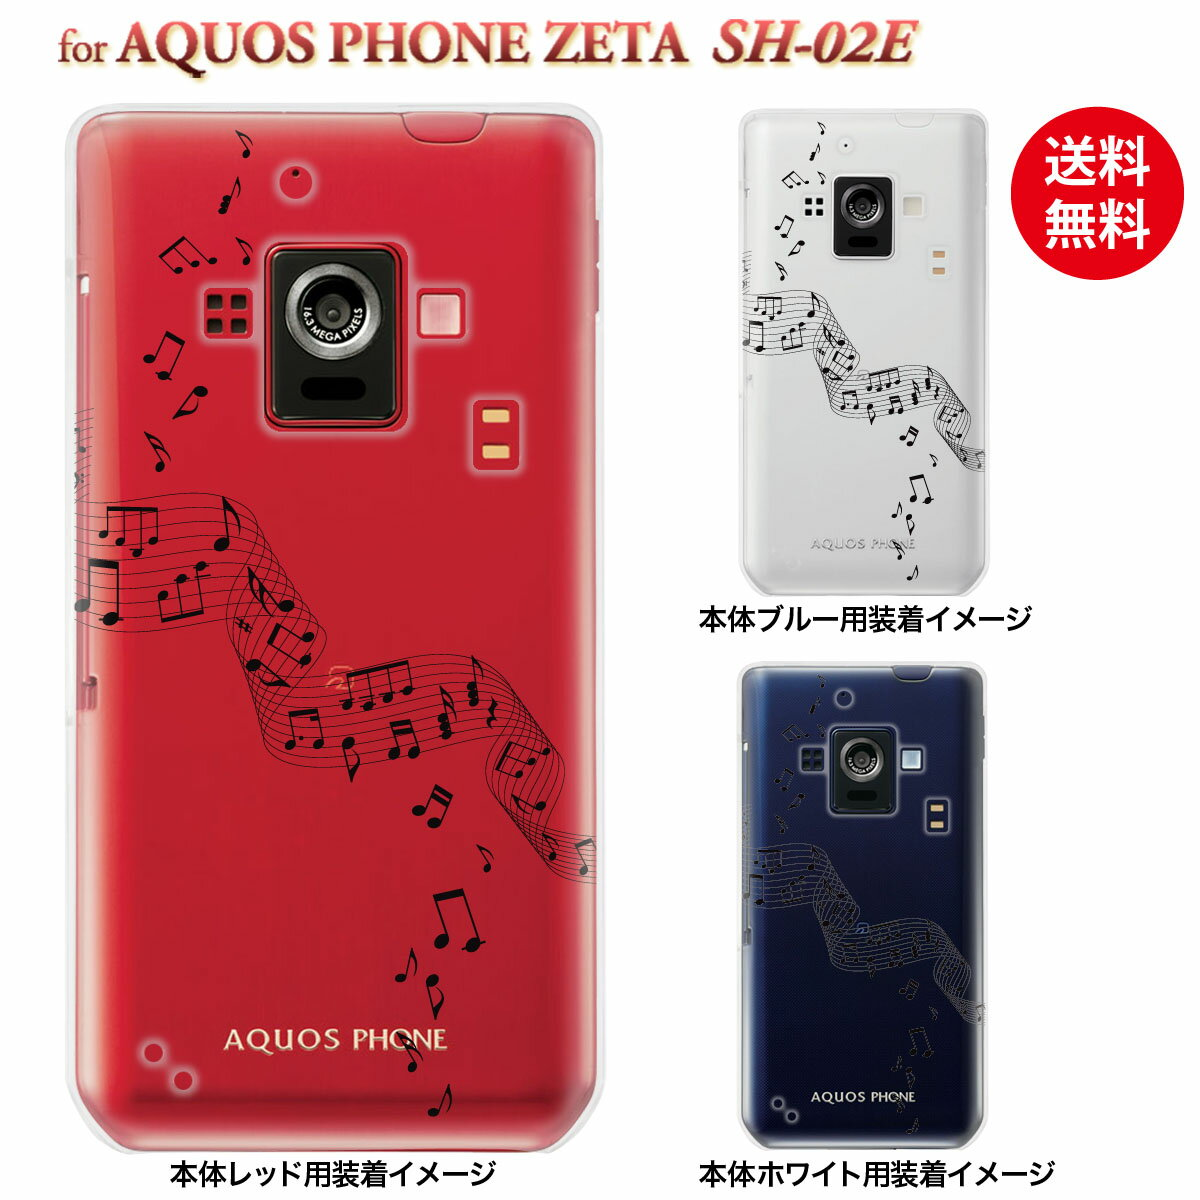 スマートフォン・携帯電話用アクセサリー, ケース・カバー AQUOS PHONESH-02EIGZO 09-sh02e-mu0001